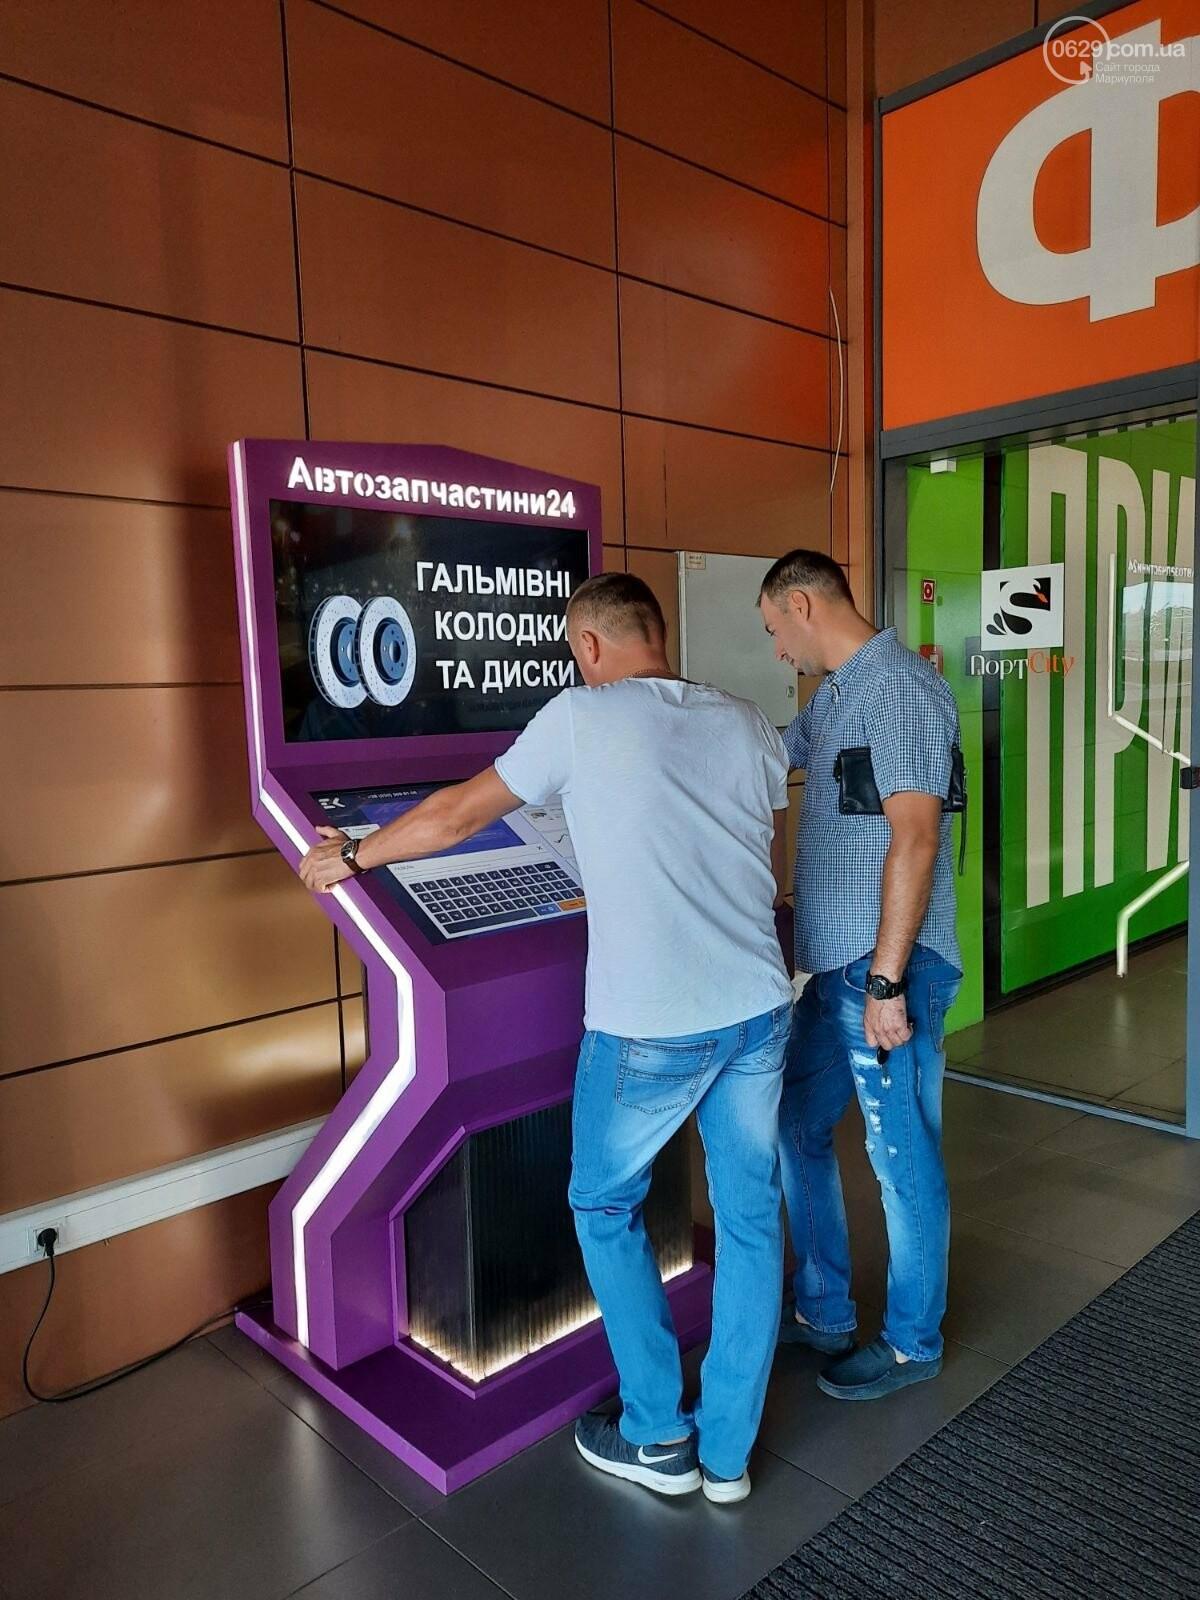 Вниманию автолюбителей! В Мариуполе появился терминал для покупки автозапчастей., фото-3